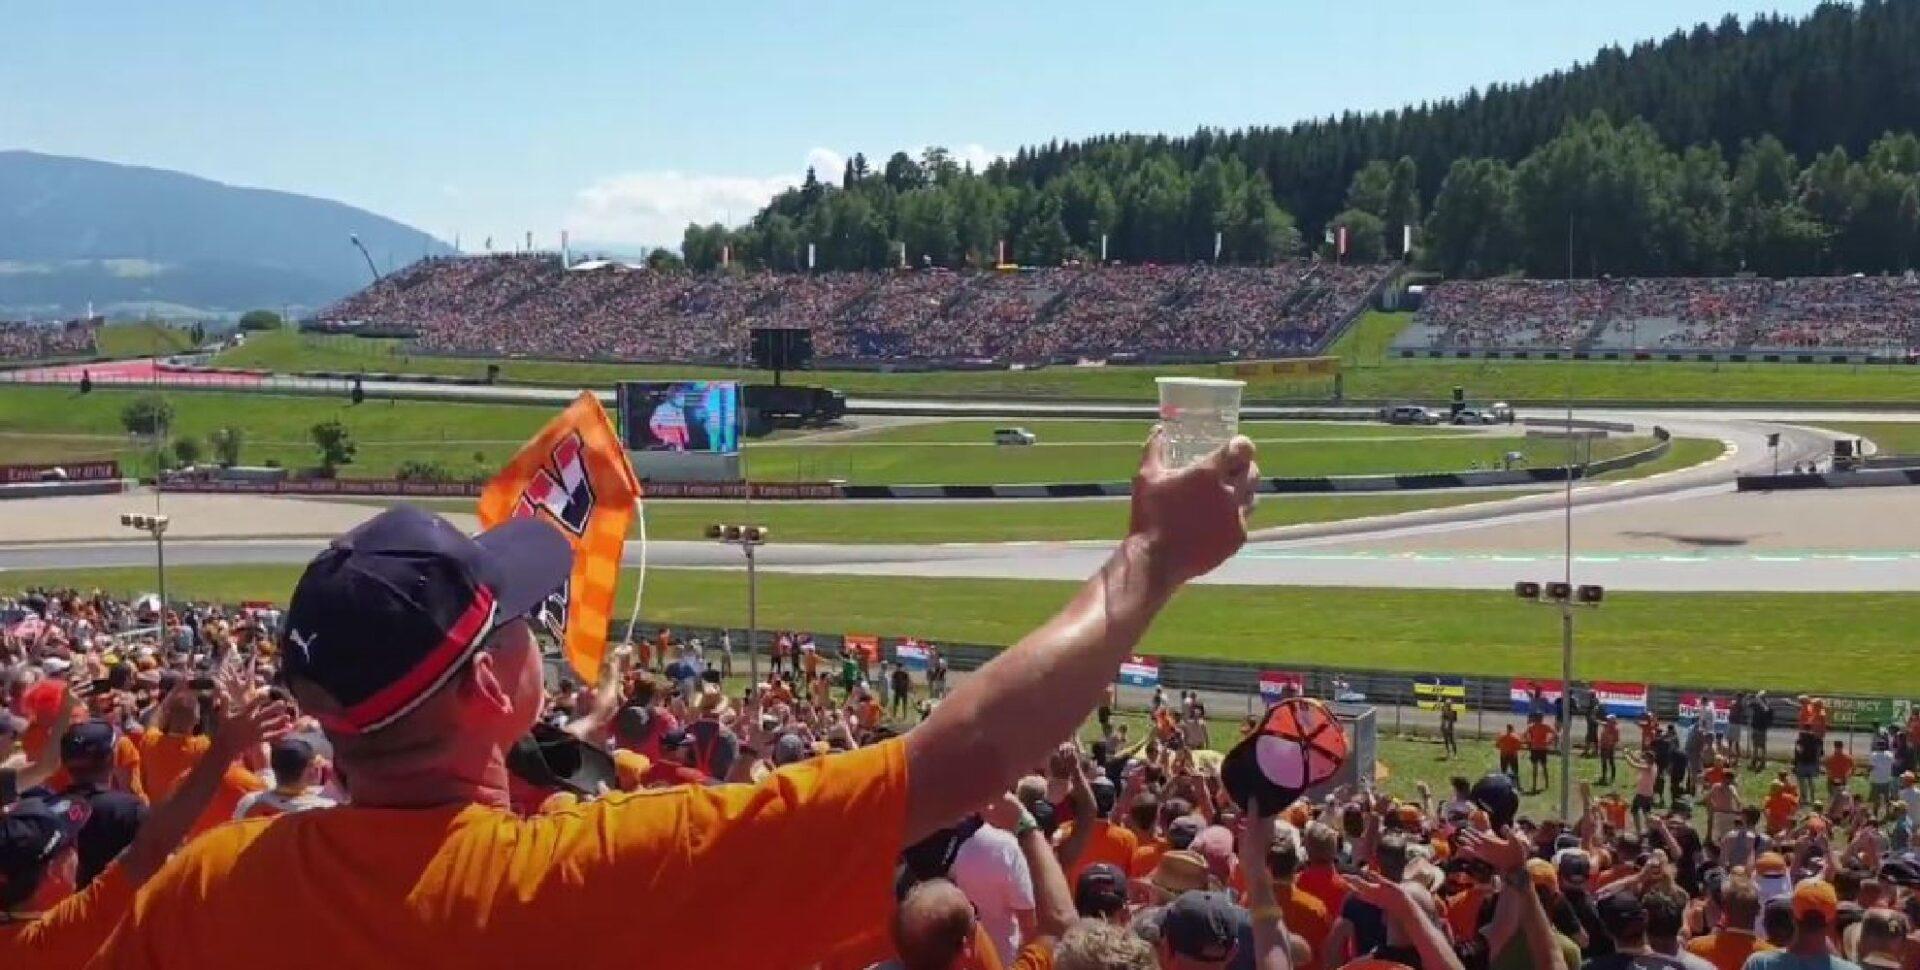 Formule 1 F1 GP Oostenrijk met publiek Oranje fans tribune Max Verstappen Red Bull